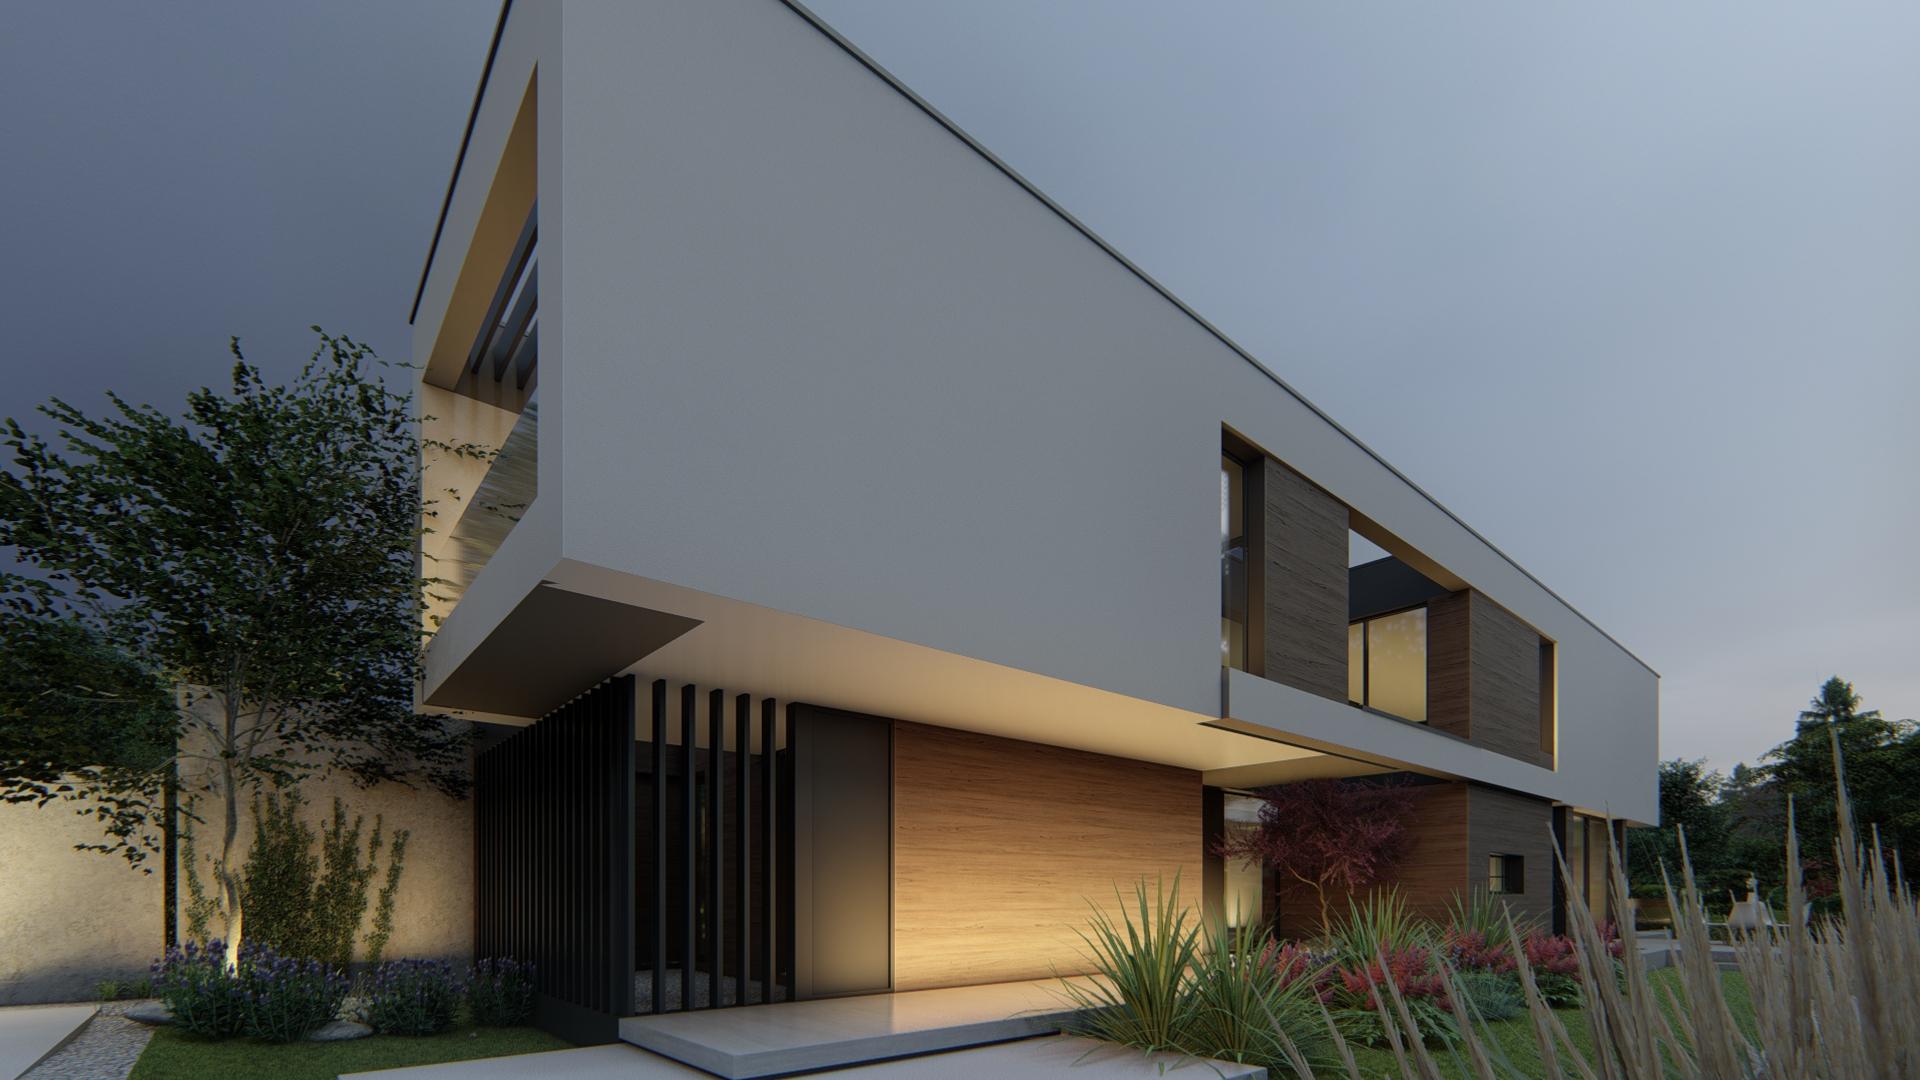 2 viviendas pareadas en Valdemarín (Madrid). Proyecto de FH2L Arquitectos.